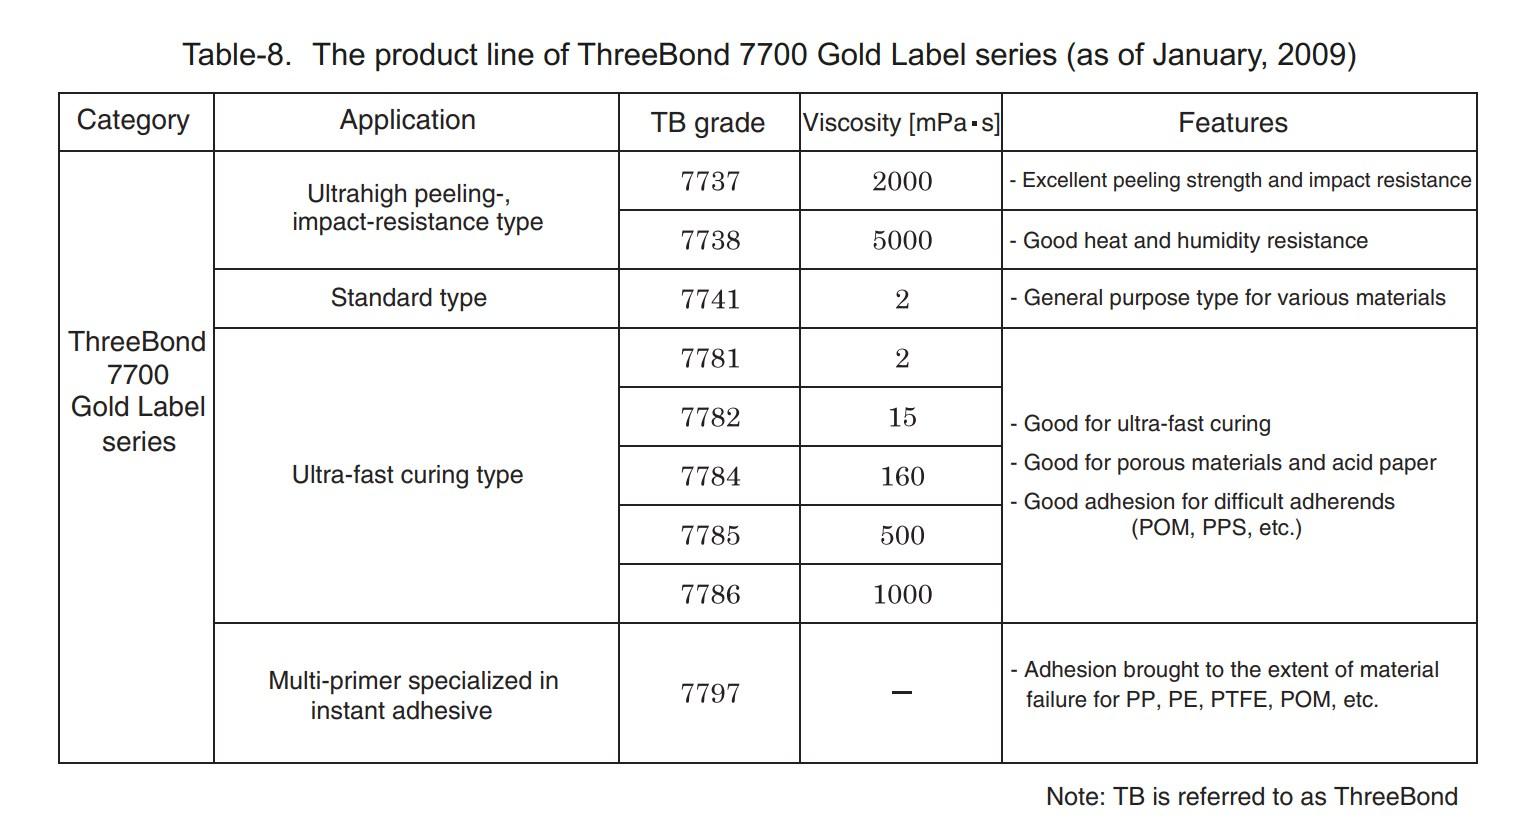 Keo Nhật dán đa năng gốm, sứ, kim loại, nhựa,... nhanh khô ThreeBond Instant Edhesive 7786 20g